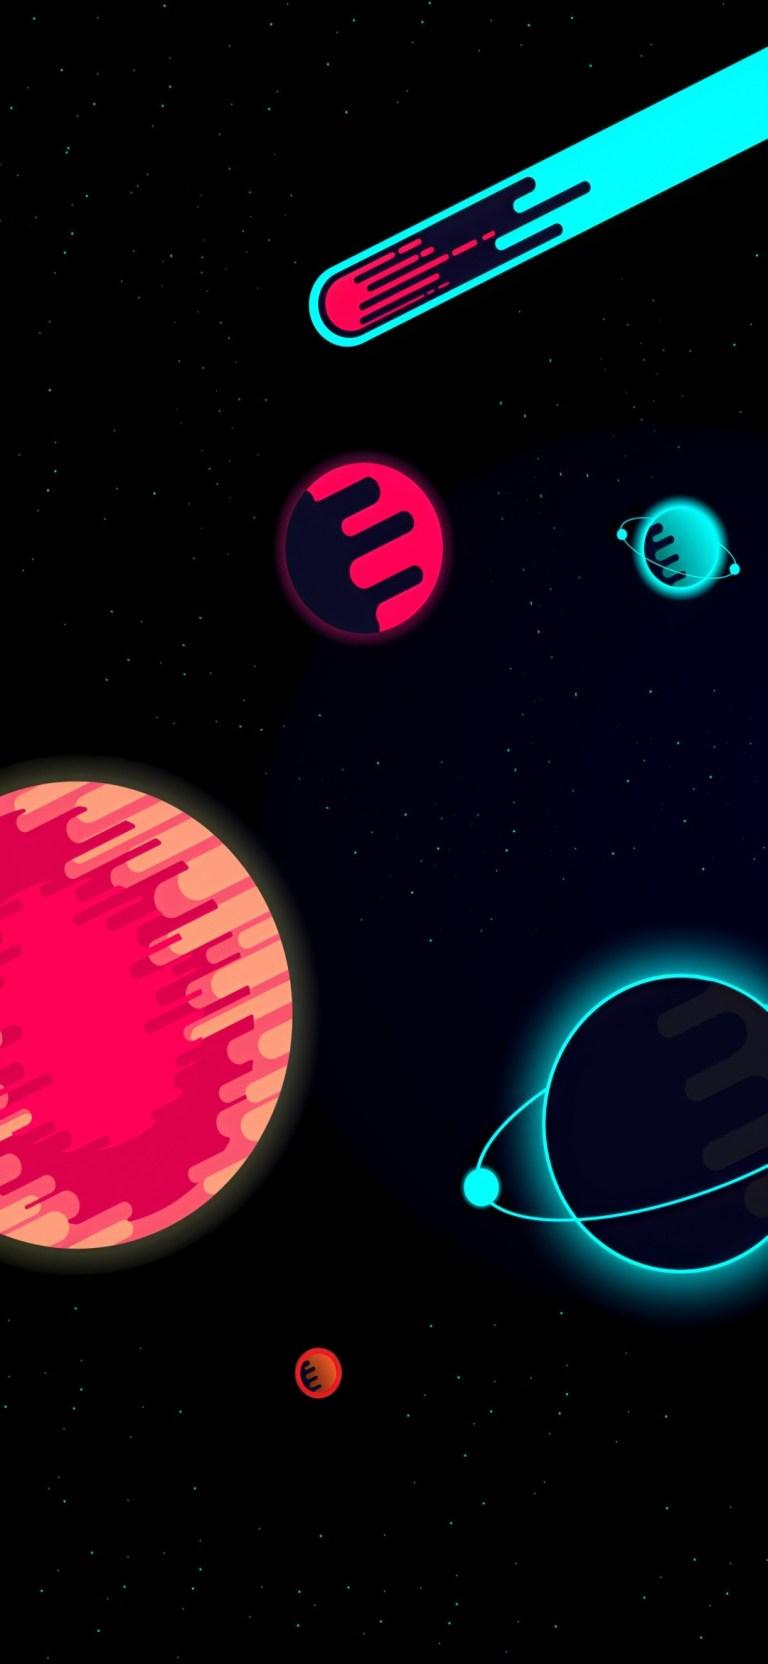 Dark Planet Minimal iPhone 12 Pro Ultra HD Wallpaper Download 768x1664